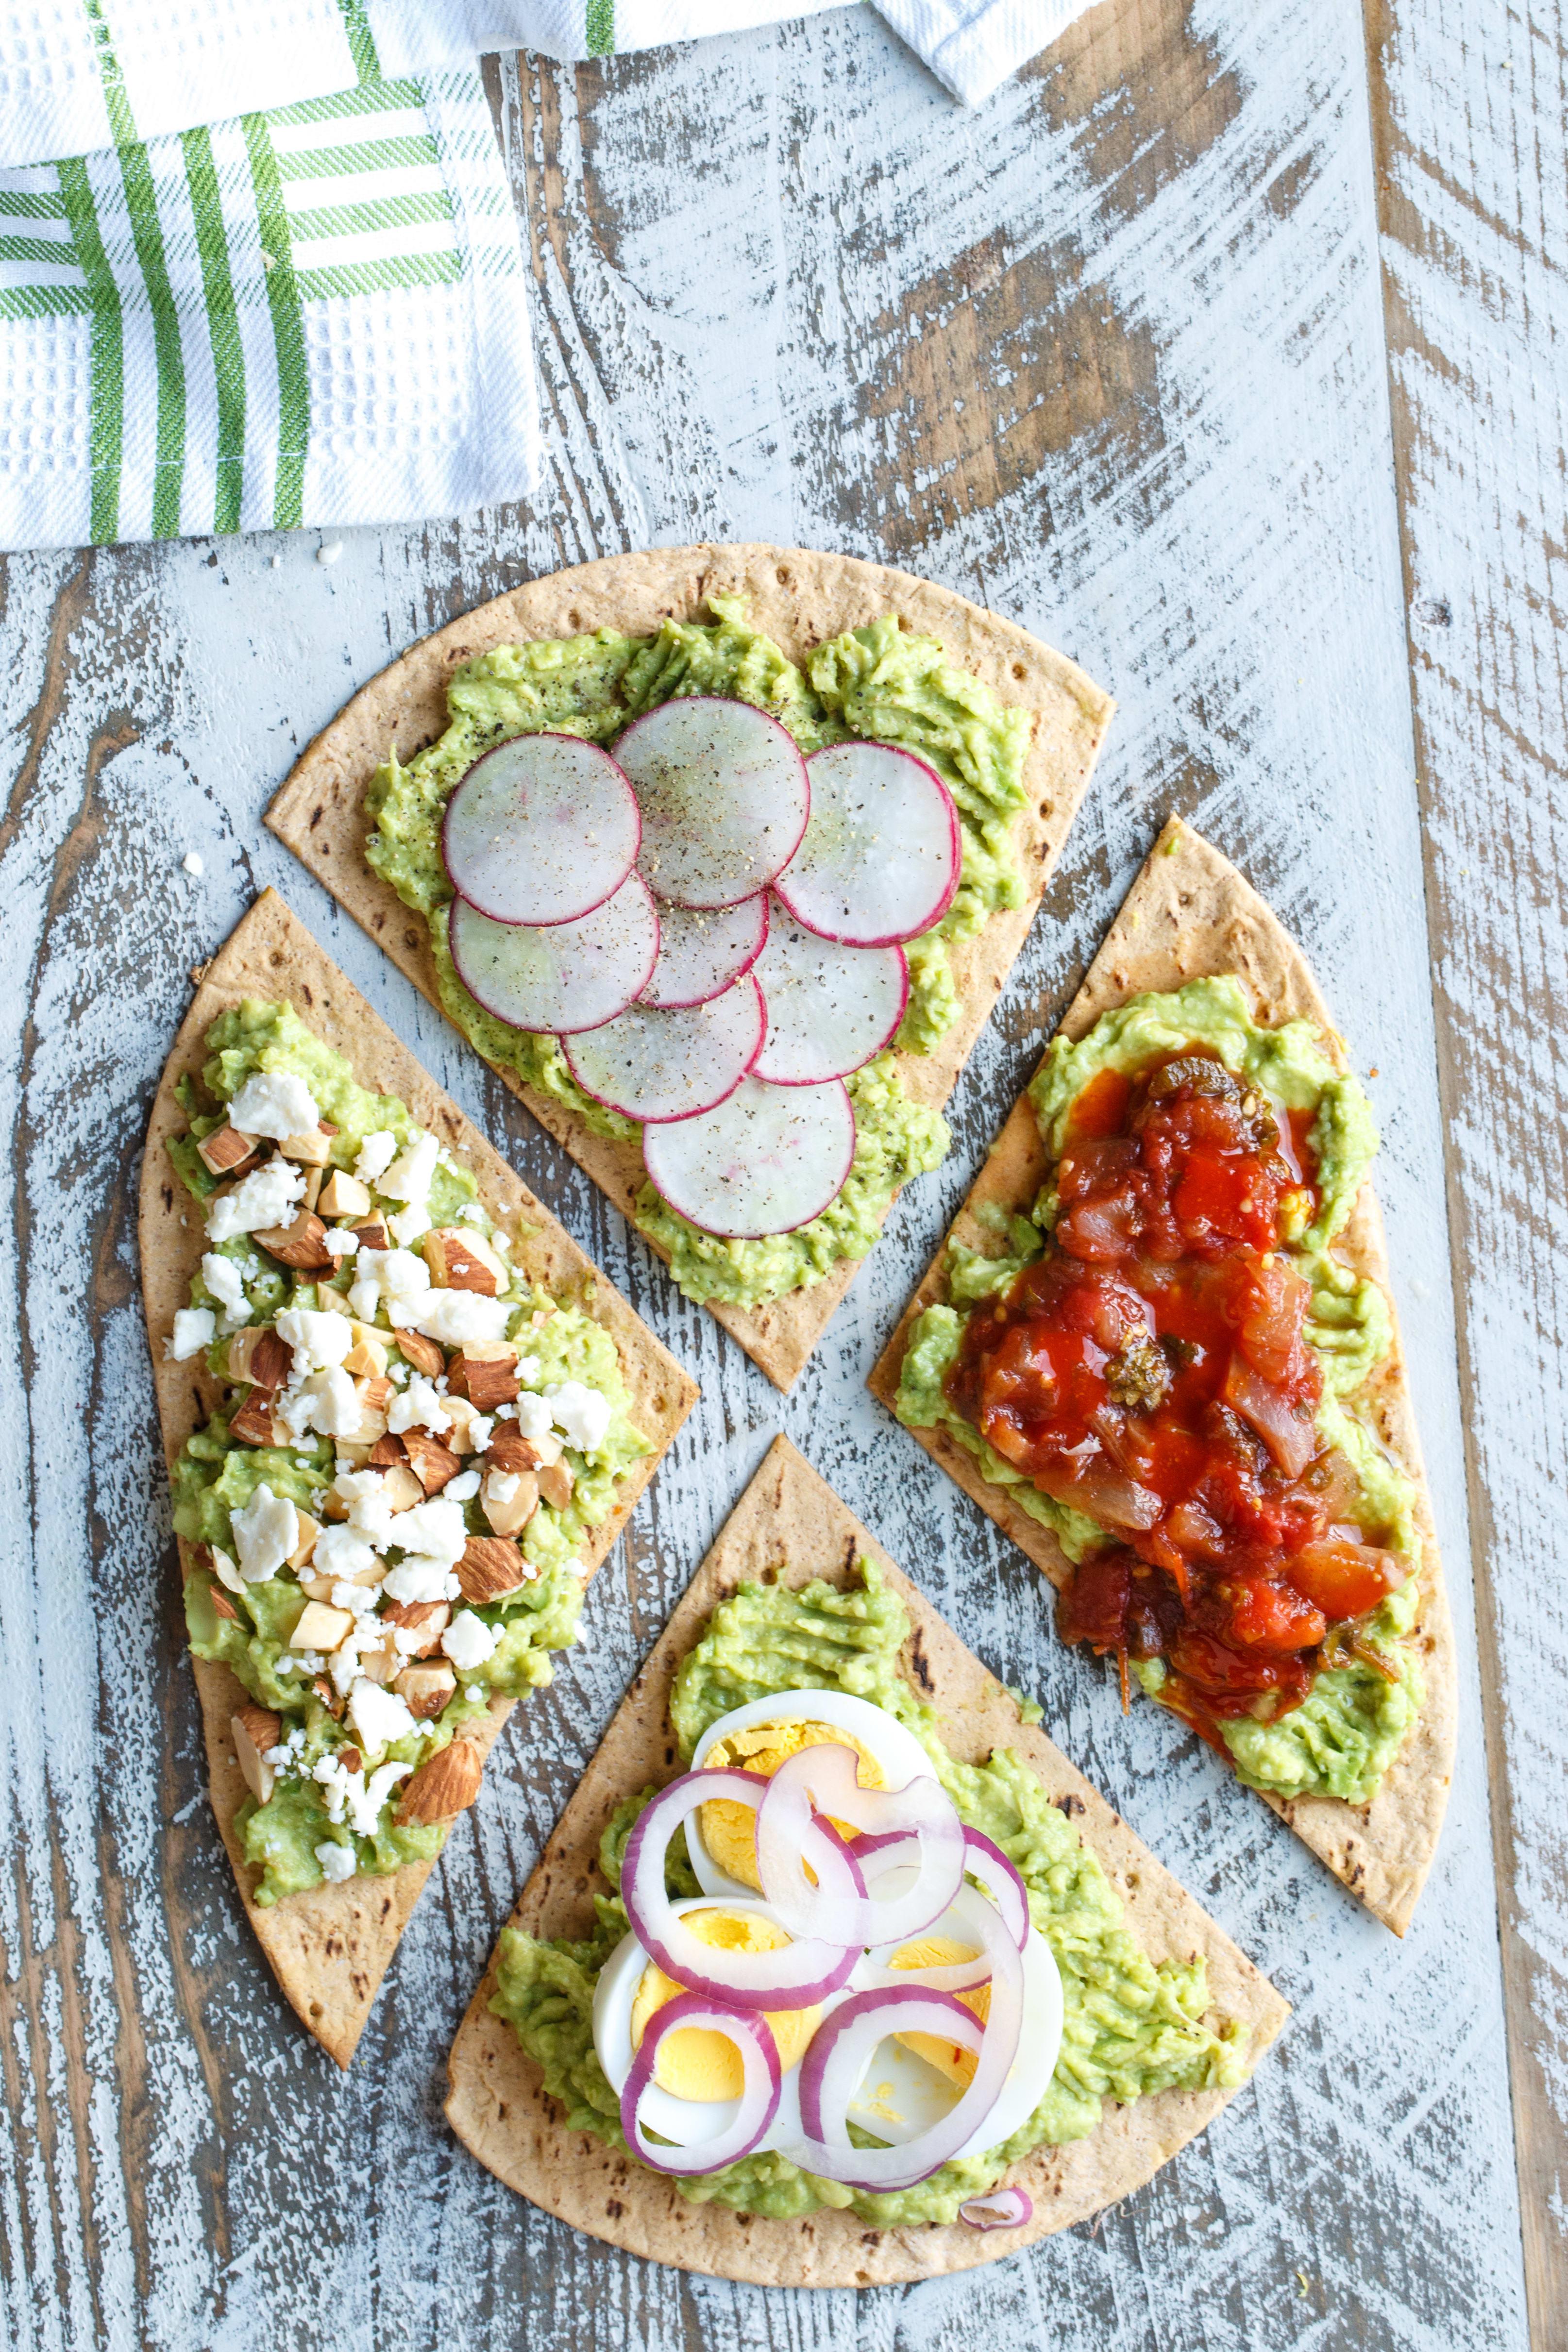 Photo of Avocado Flatbread four ways by WW